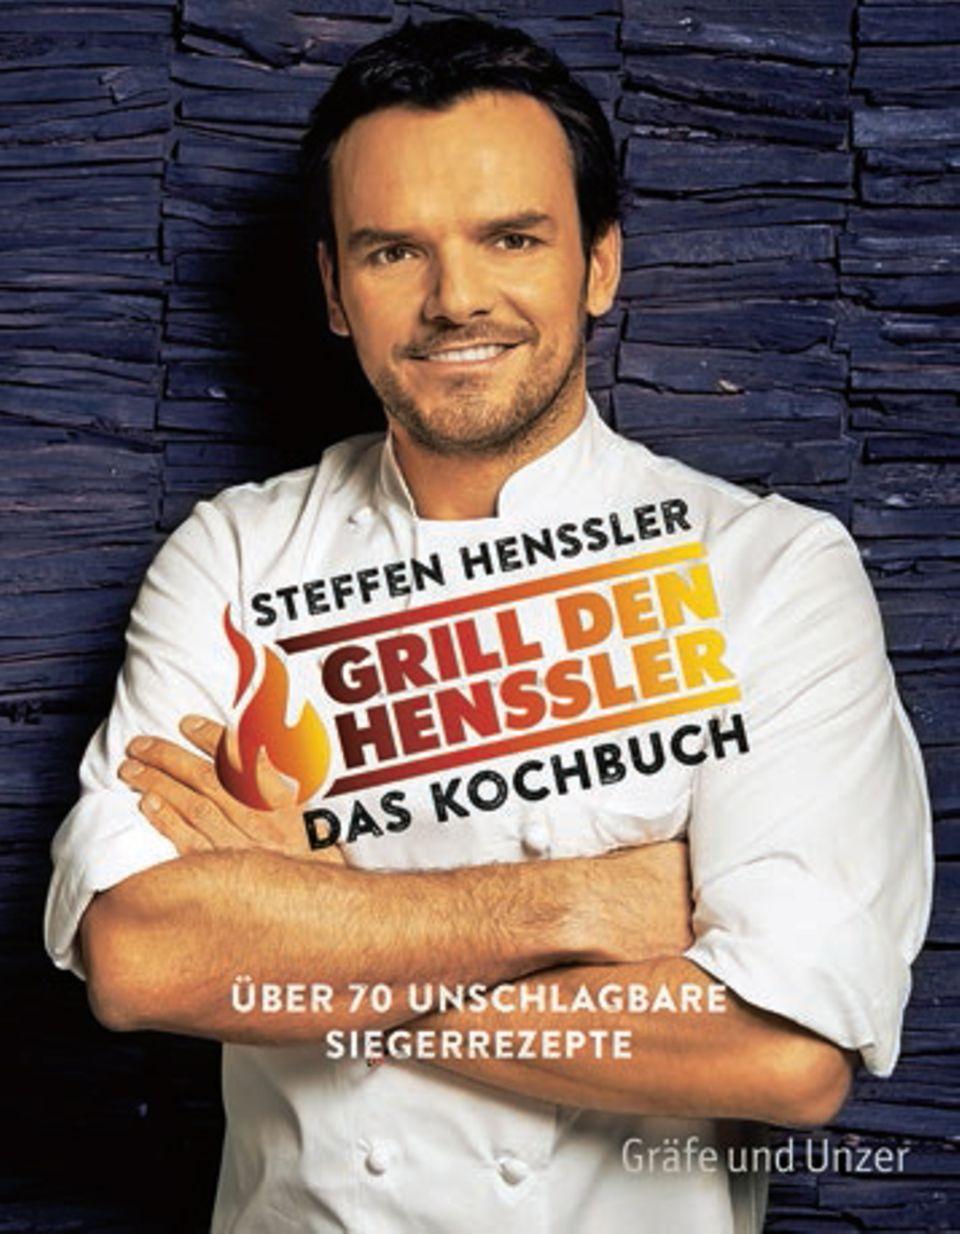 """Star-Koch Steffen Henssler präsentiert seine 70 liebsten Sieger-Rezepte aus der Fernsehshow """"Grill den Henssler"""". Mit dabei sind Köstlichkeiten wie Möhrensuppe mit Flusskrebsen oder Nussmakronen mit Fruchtsalat und Schokosoßen. Alle Gerichte haben eine maximale Zubereitungsdauer von etwa 30 Minuten. (""""Grill den Henssler – das Kochbuch"""", Gräfe und Unzer, 192 S., 19,99 Euro)"""